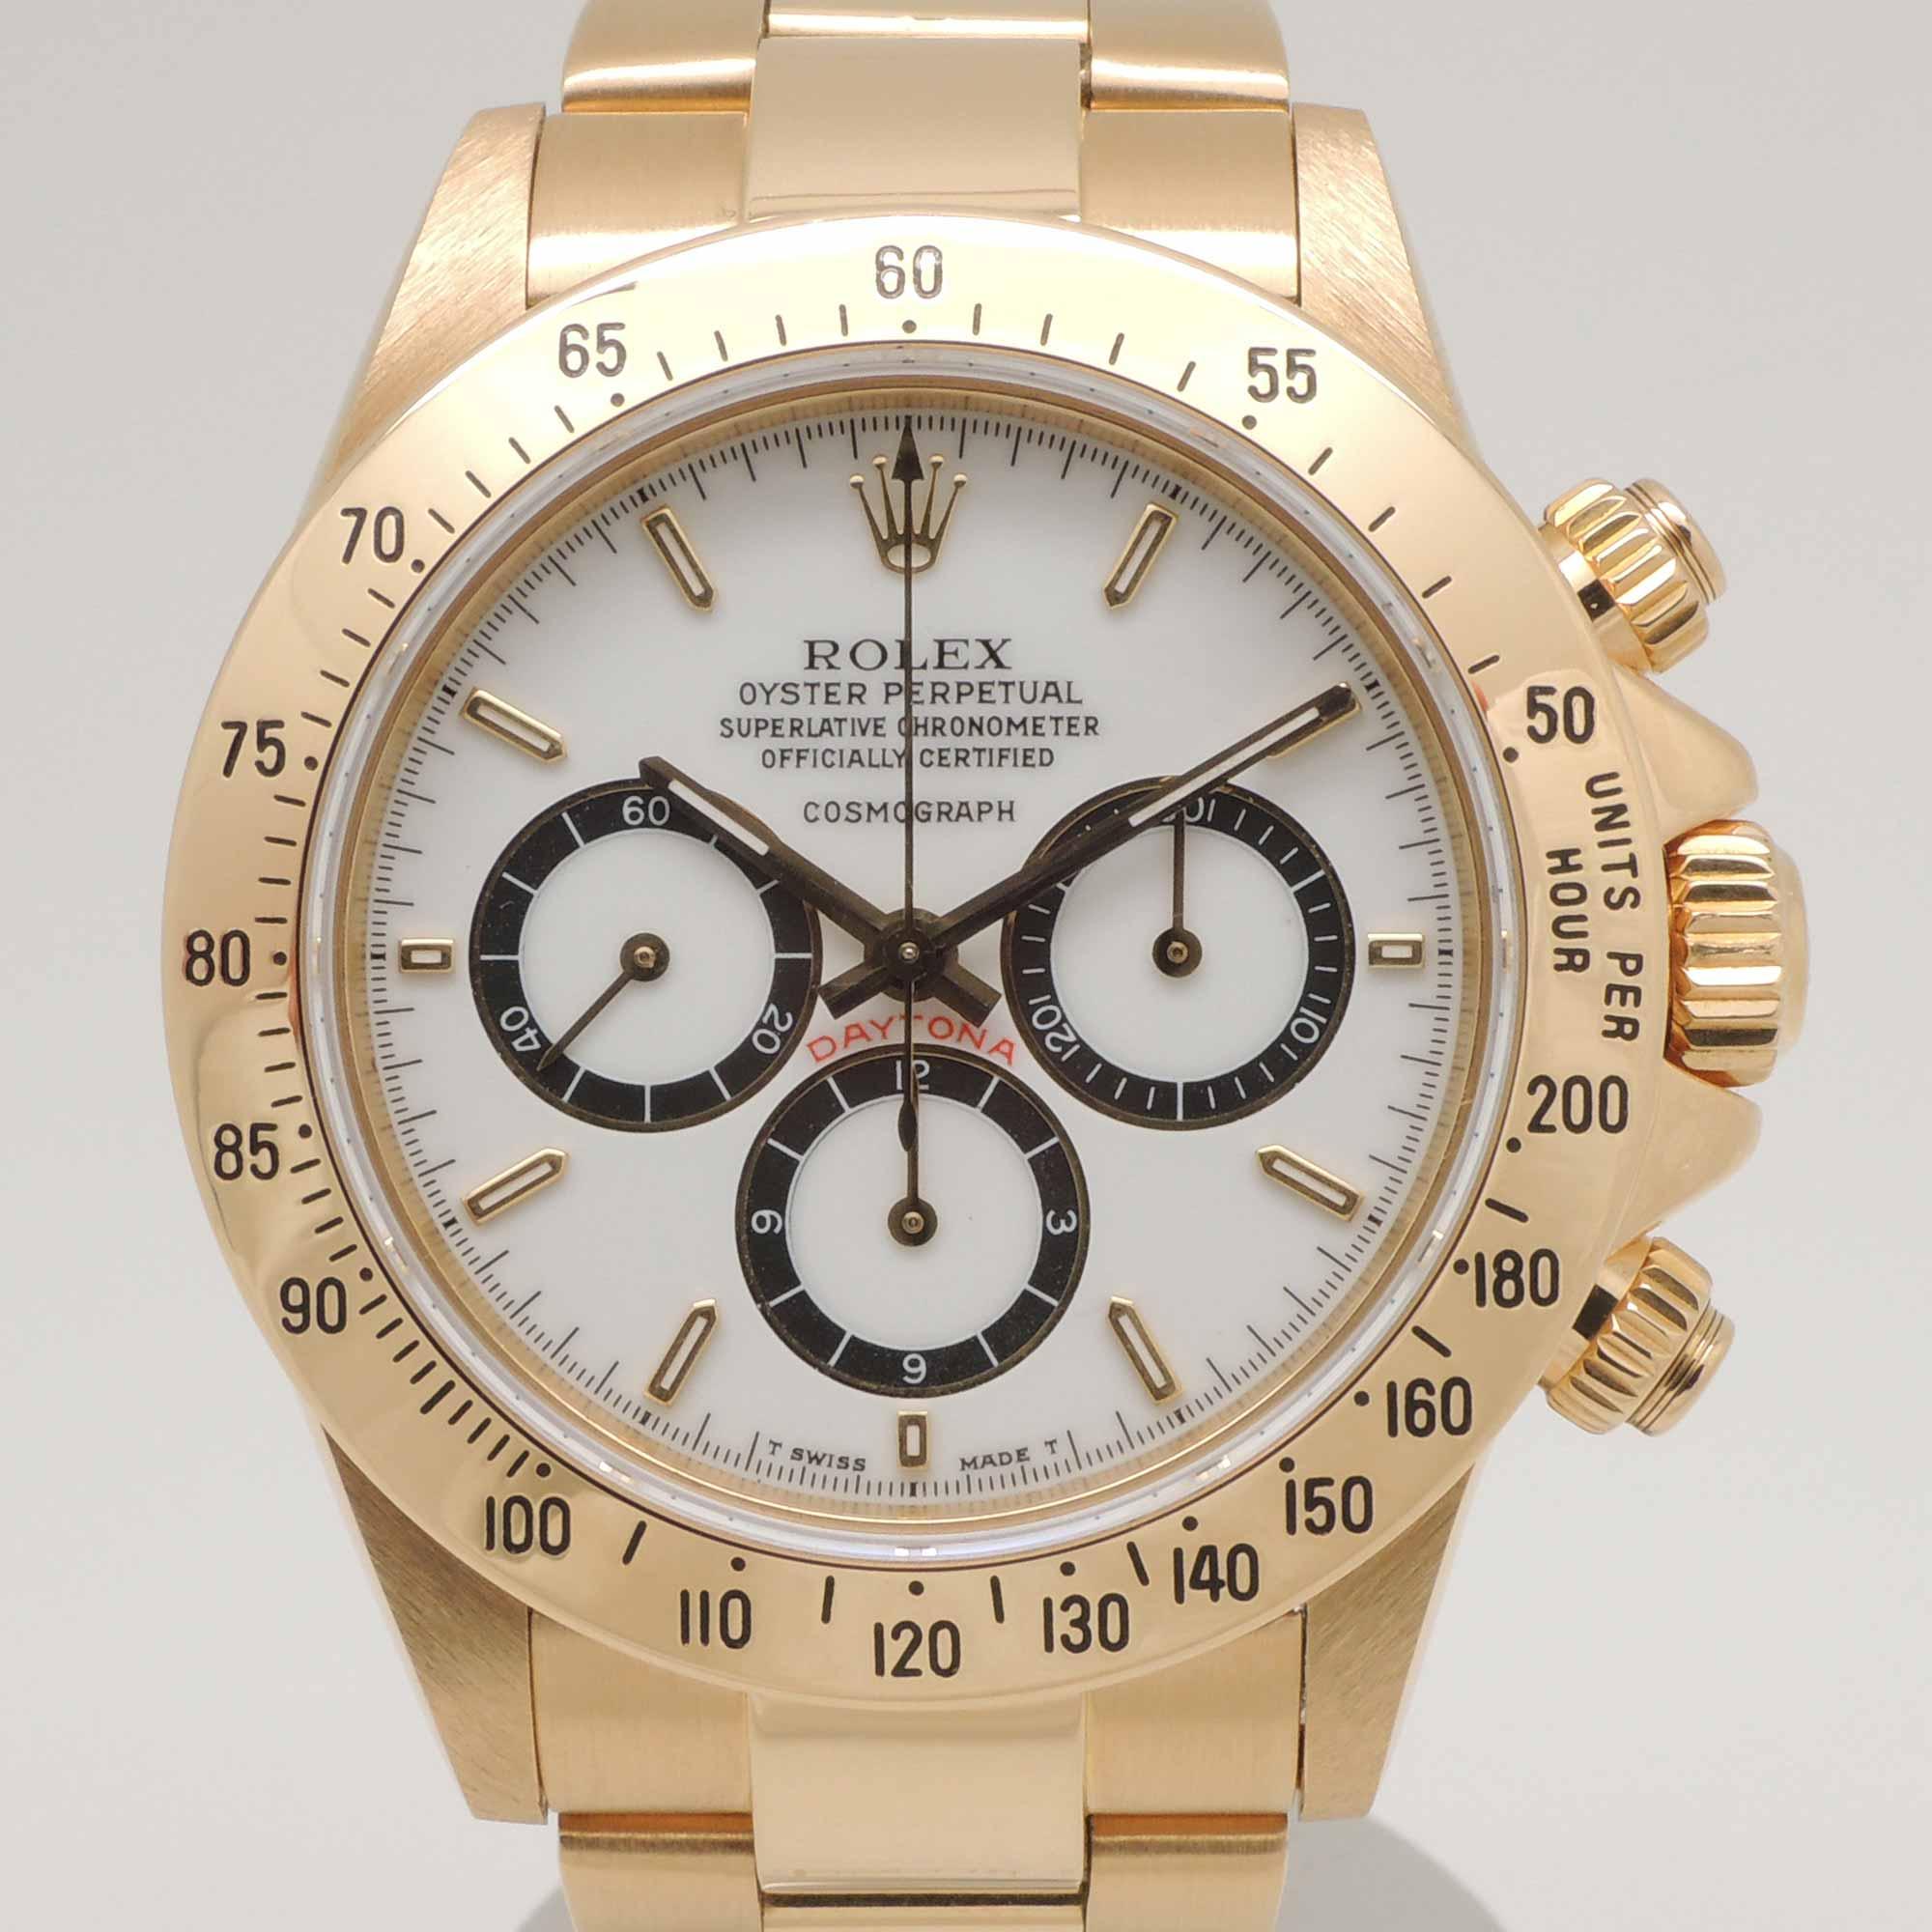 7070b9e3b338 Las mejores marcas de relojes del mundo que deberías de tener